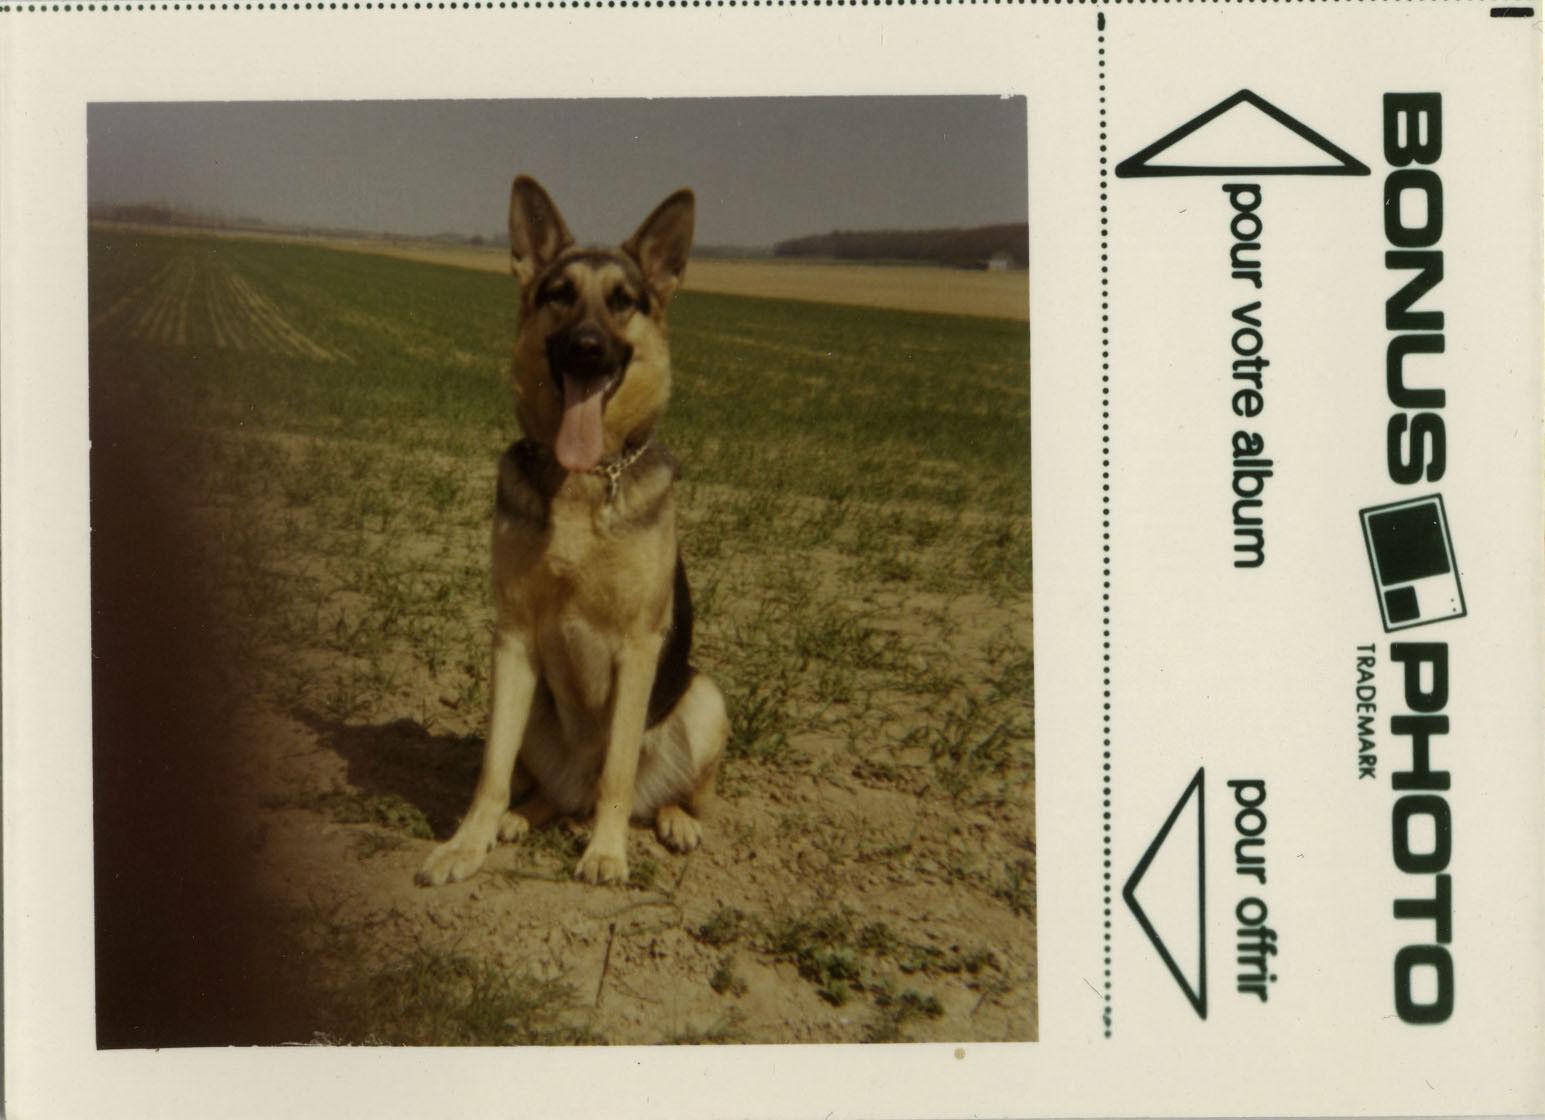 Photo ancienne - vintage snapshot - animal chien berger allemand bonus - dog 6